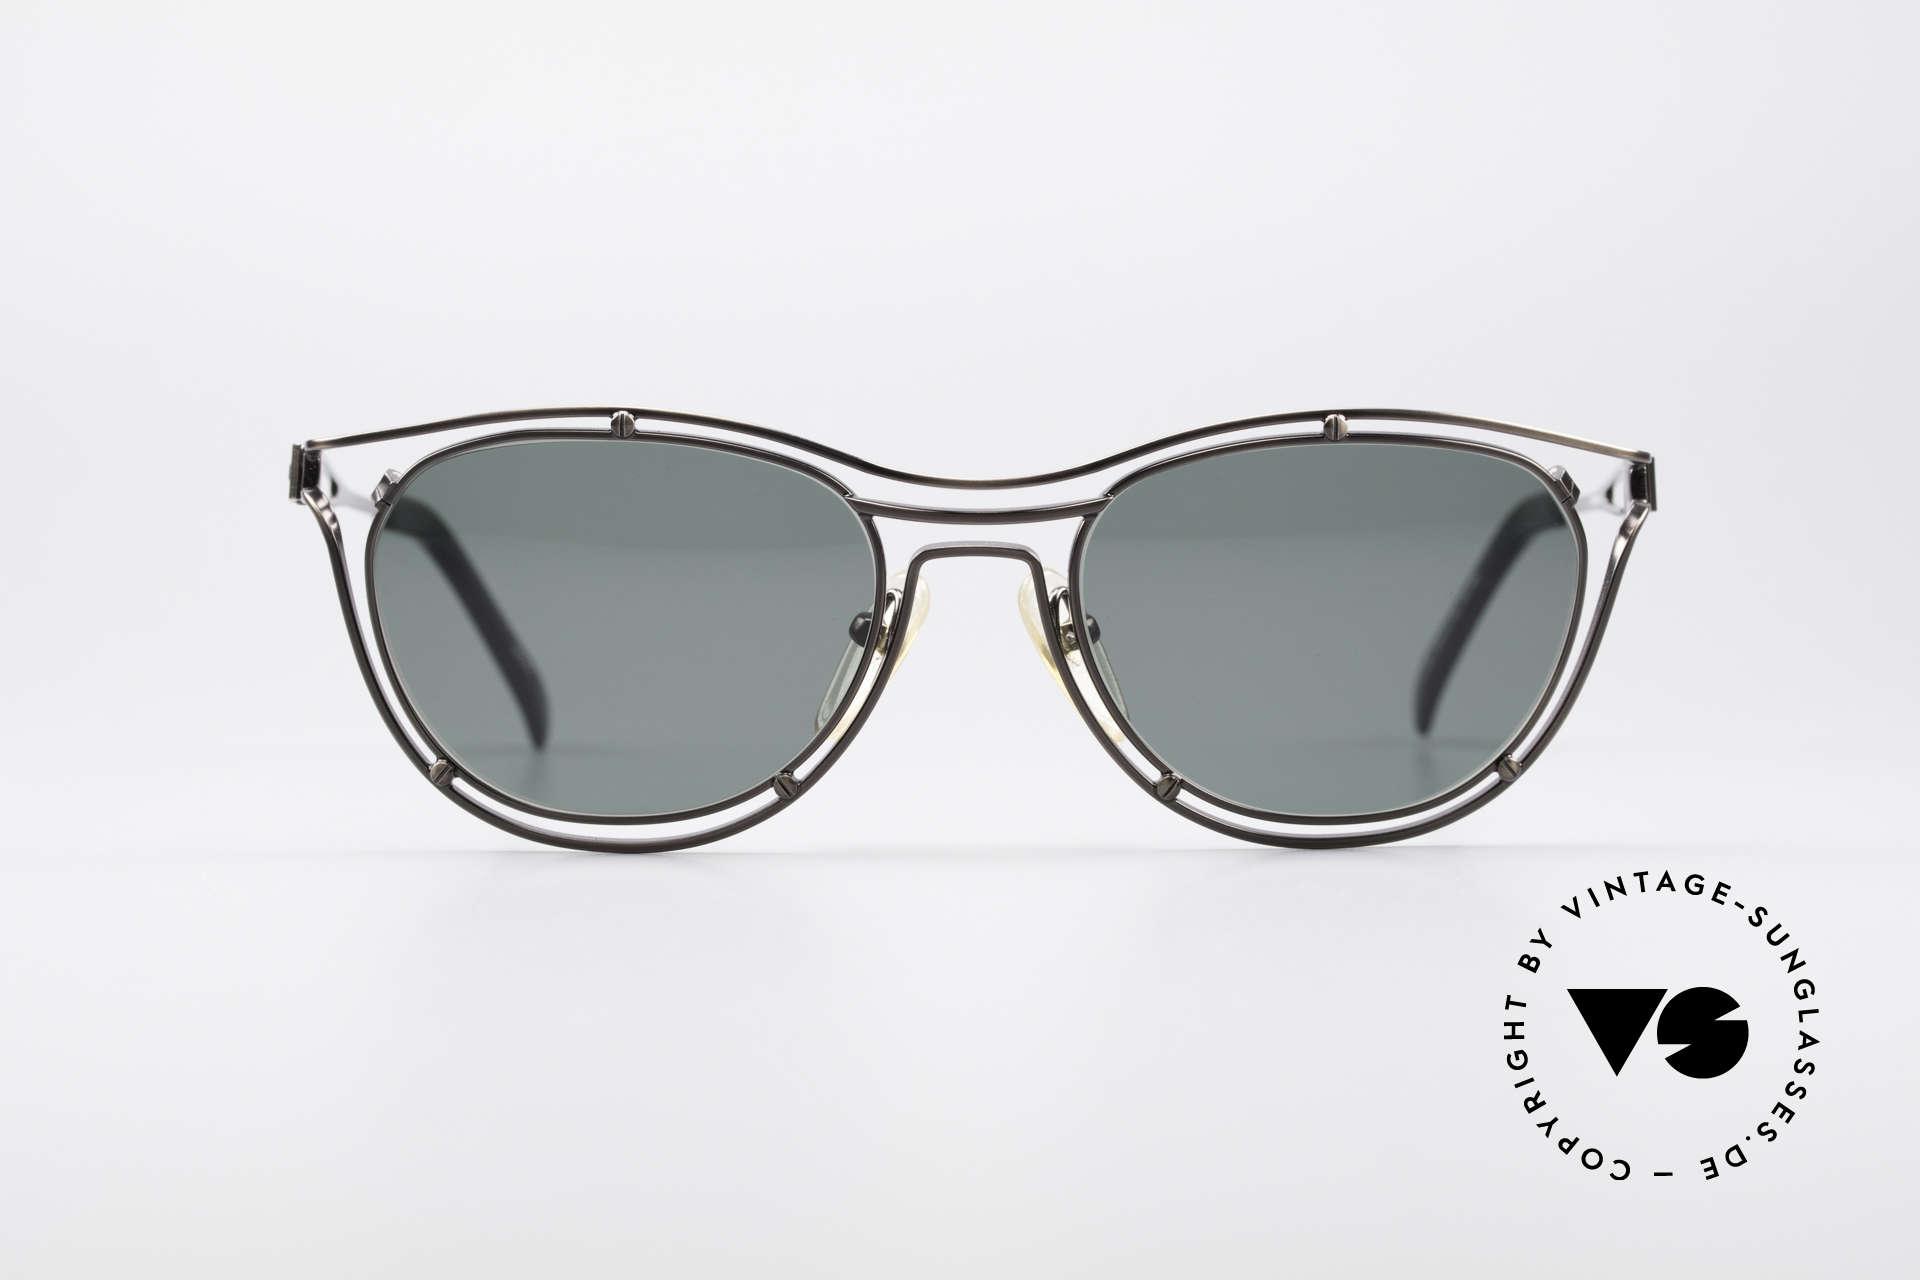 Jean Paul Gaultier 56-2176 Rare Designer Sonnenbrille, geniale Rahmenkonstruktion; ein echter Hingucker, Passend für Herren und Damen